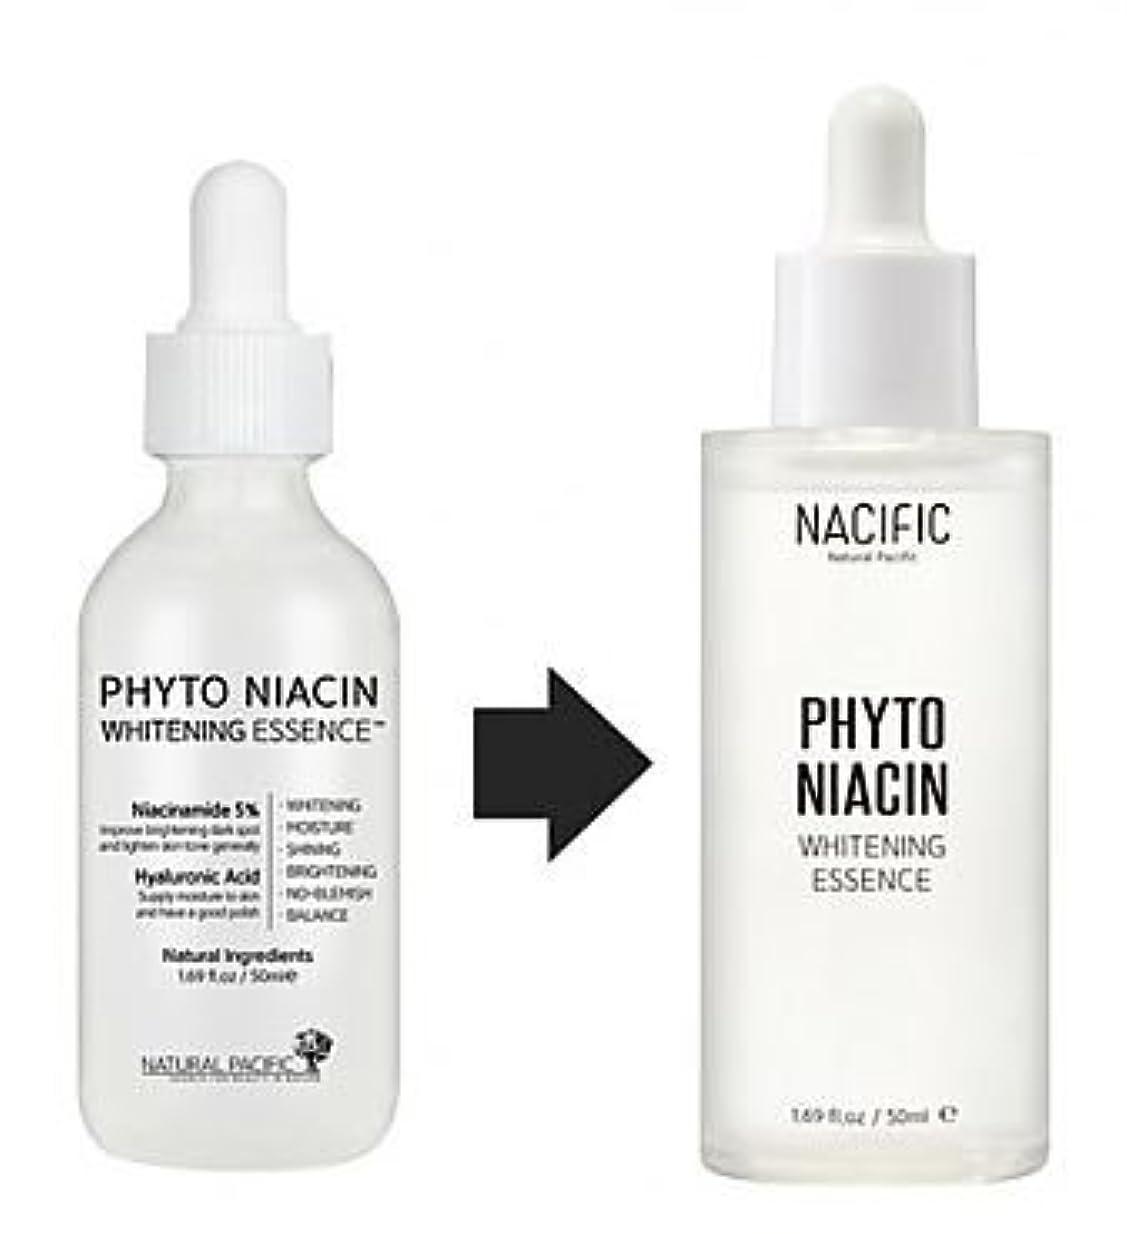 家励起スカーフ[NACIFIC]Phyto Niacin Whitening Essence 50ml/ナチュラルパシフィック フィト ナイアシン ホワイトニング エッセンス 50ml [並行輸入品]